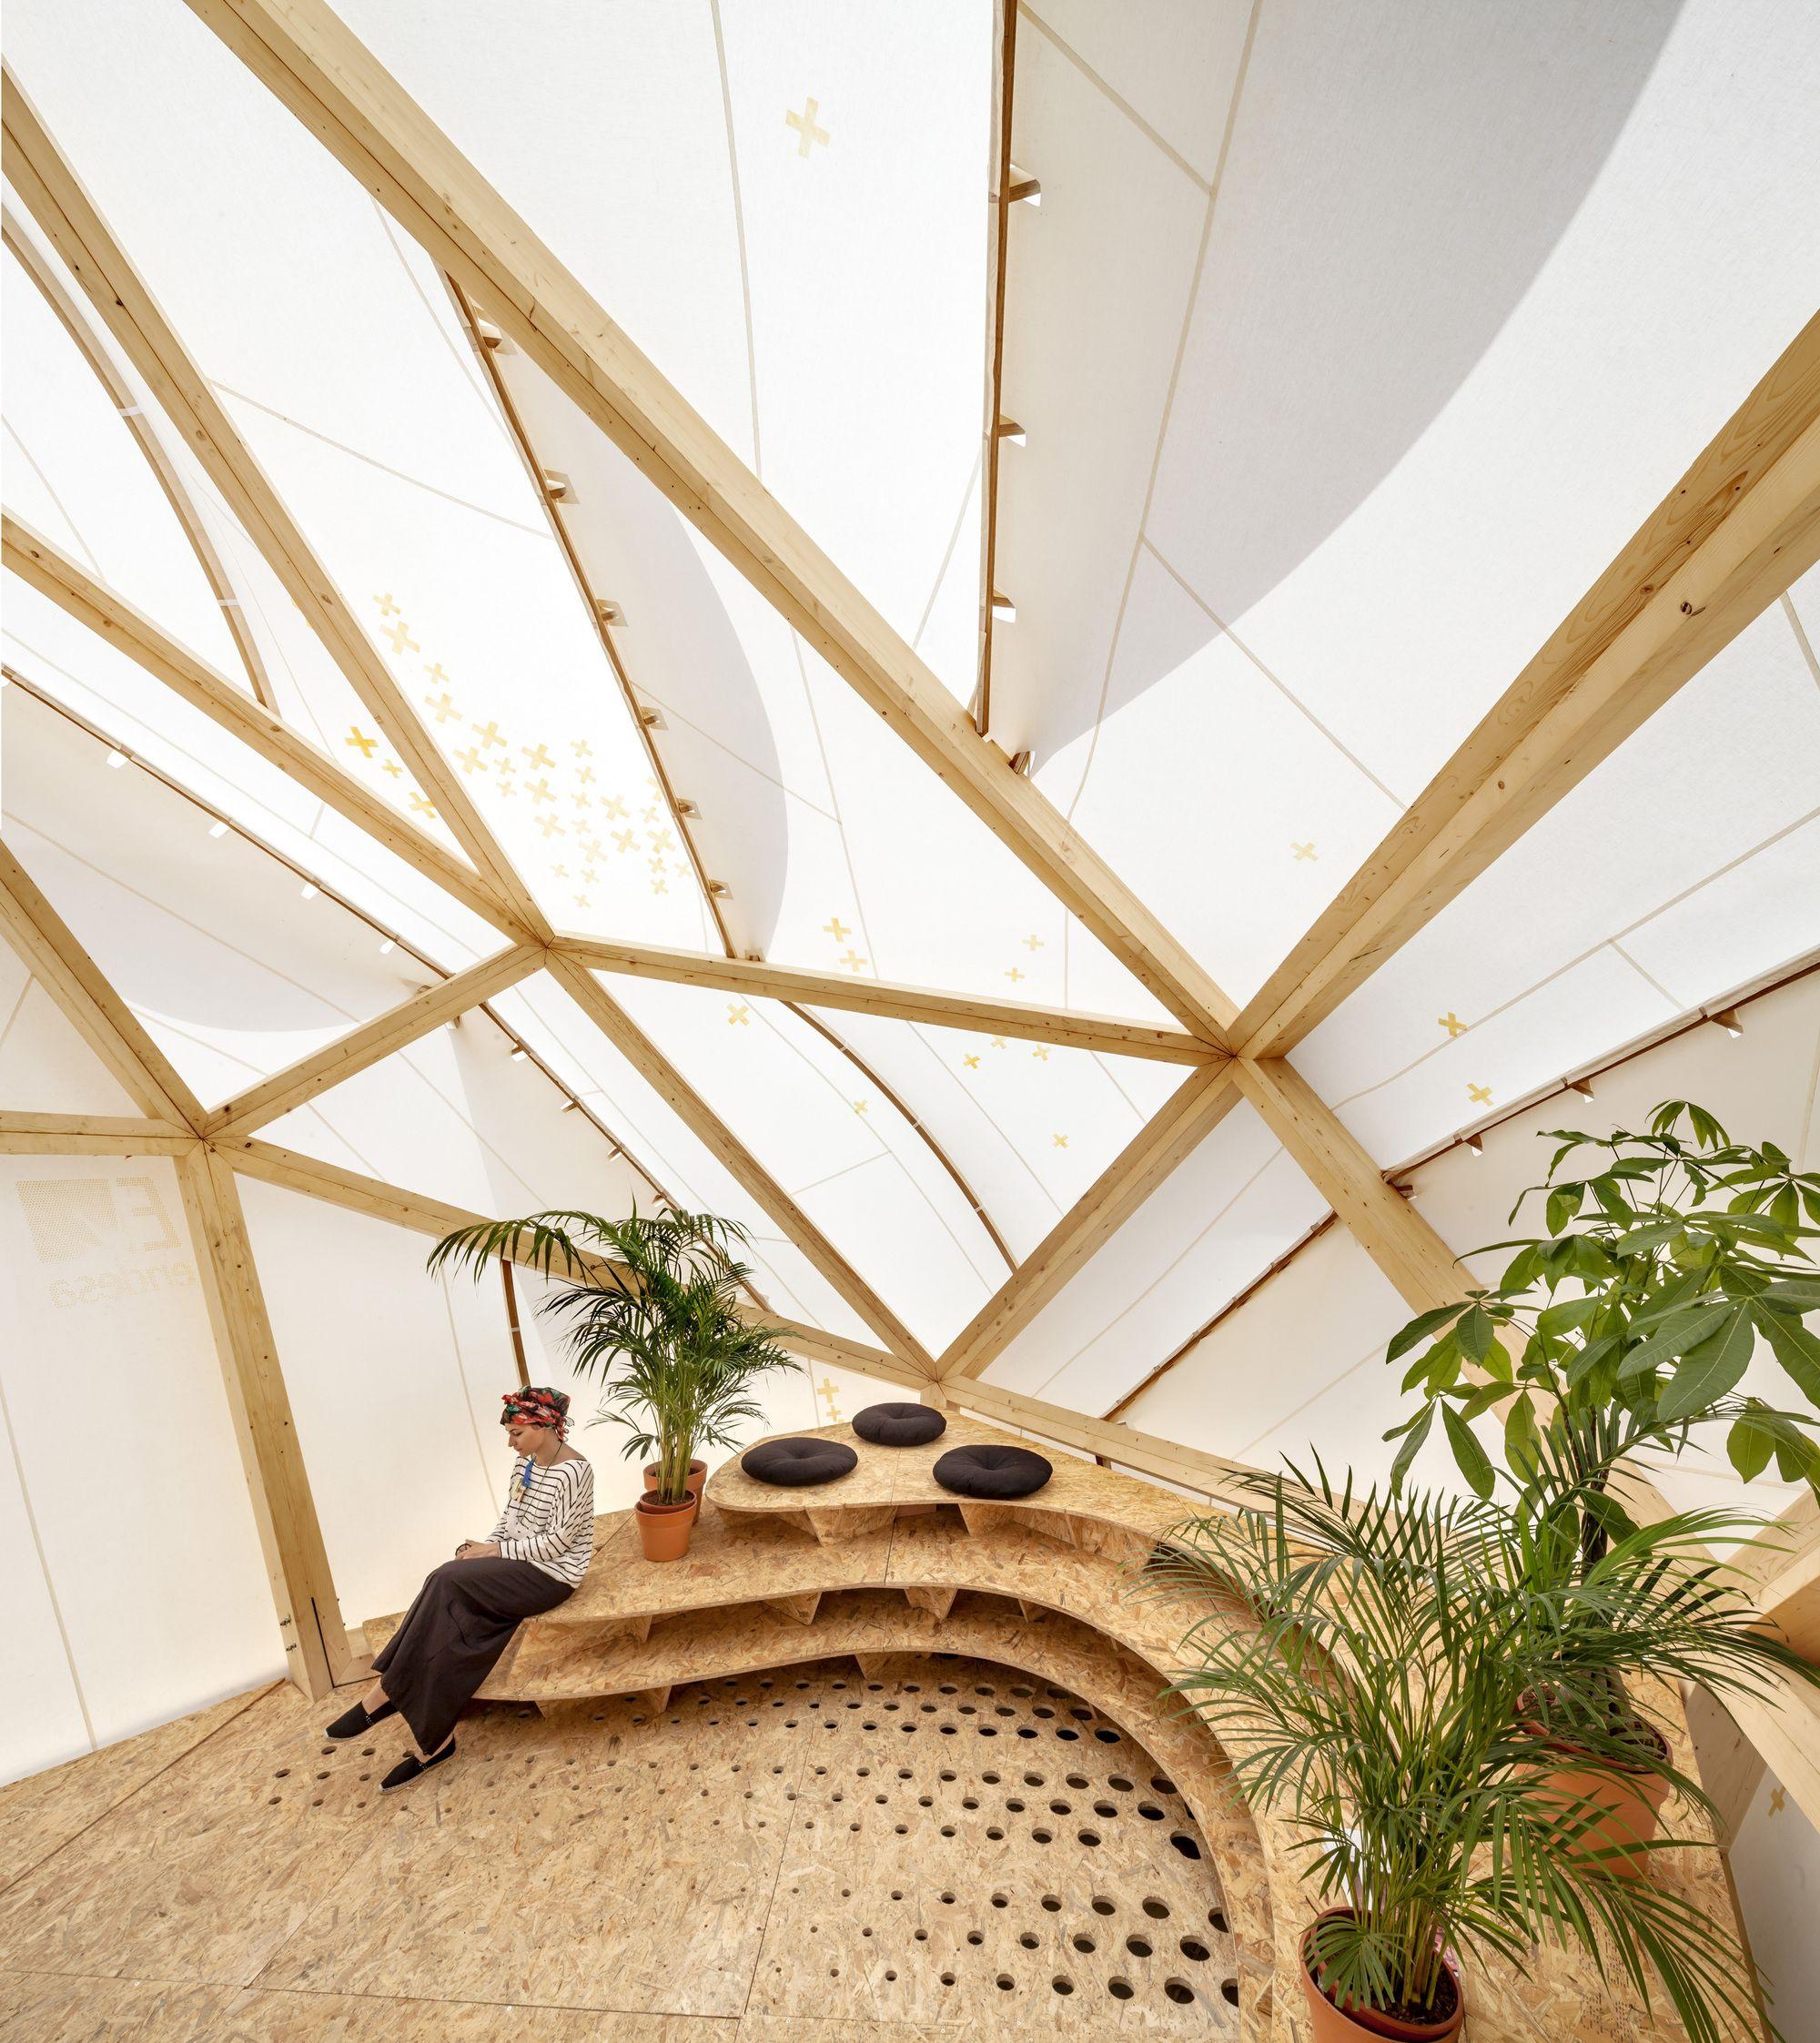 Construido por MARGEN-LAB en Barcelona, Spain El ENDESA WORLD FAB CONDENSER es un prototipo termodinámico, una cúpula bioclimática instalada en la ahora actualment...